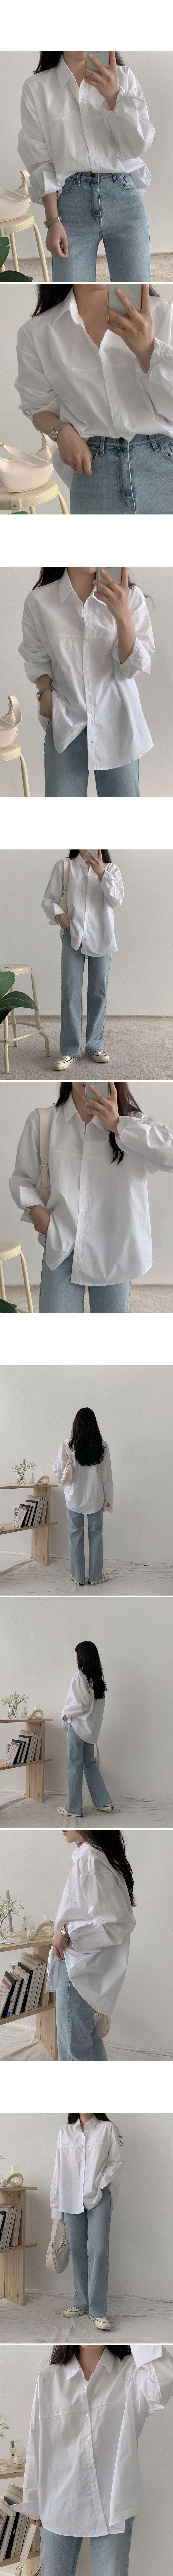 Melvandal shoulder bag